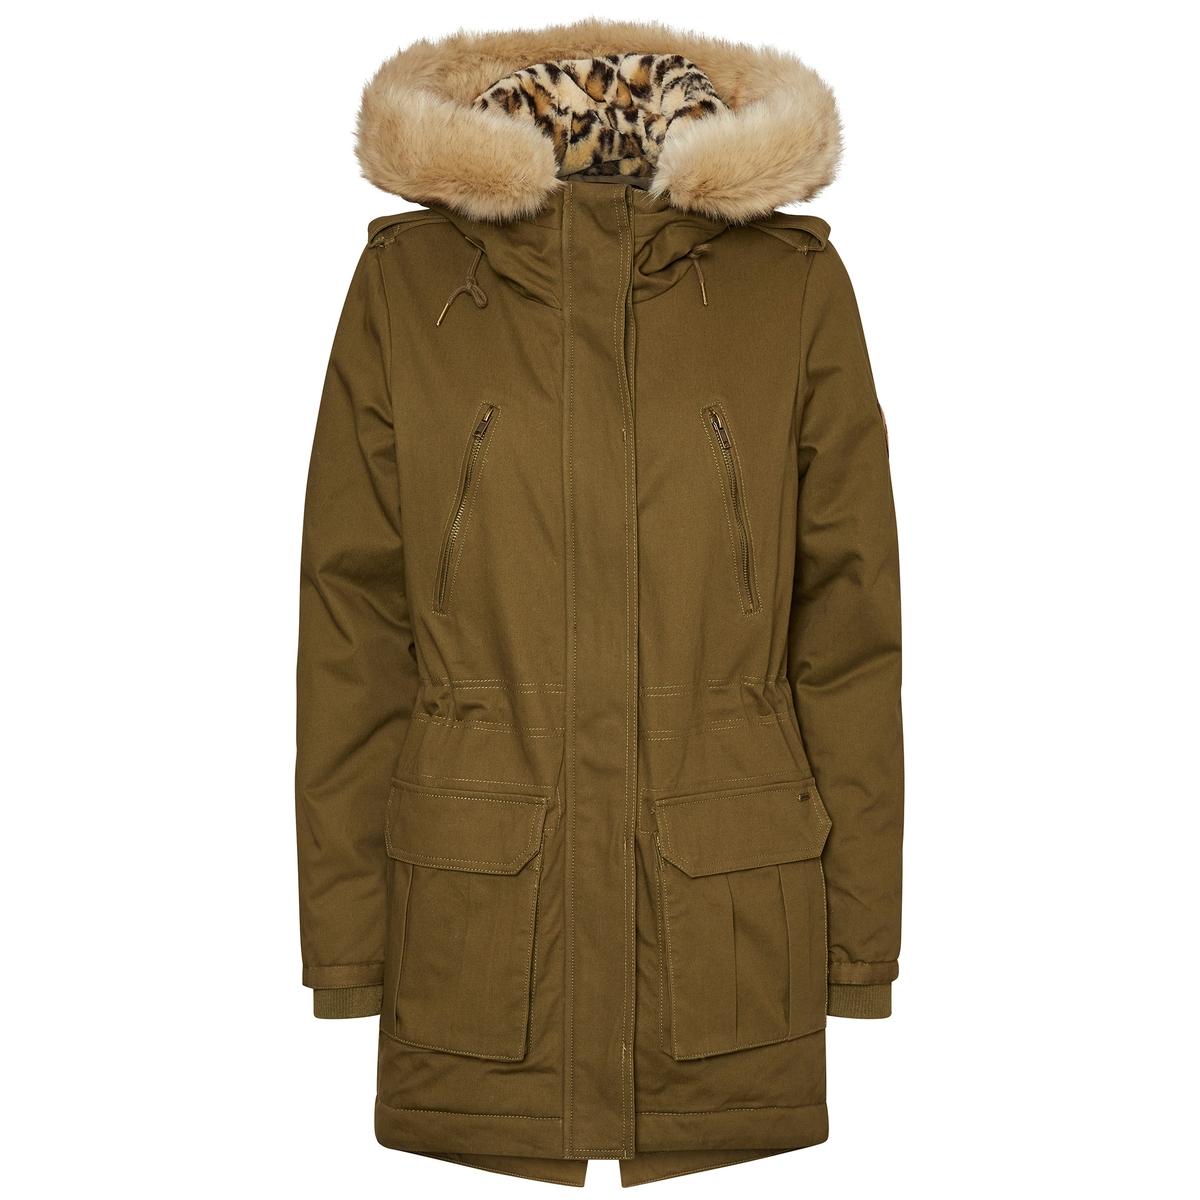 Пальто-парка с капюшоном средней длиныТеплое пальто в форме парки с капюшоном VERO MODA. Очаровательный капюшон на подкладке из мскусственного меха с леопардовым принтом.Детали •  Длина : средняя •  Воротник-стойка •  Застежка на молнию •  С капюшономСостав и уход •  100% хлопок •  Следуйте рекомендациям по уходу, указанным на этикетке изделияВысокий воротник. Супатная застежка на молнию и кнопки. 2 застежки на молнию на груди . 2 кармана с клапанами .<br><br>Цвет: хаки